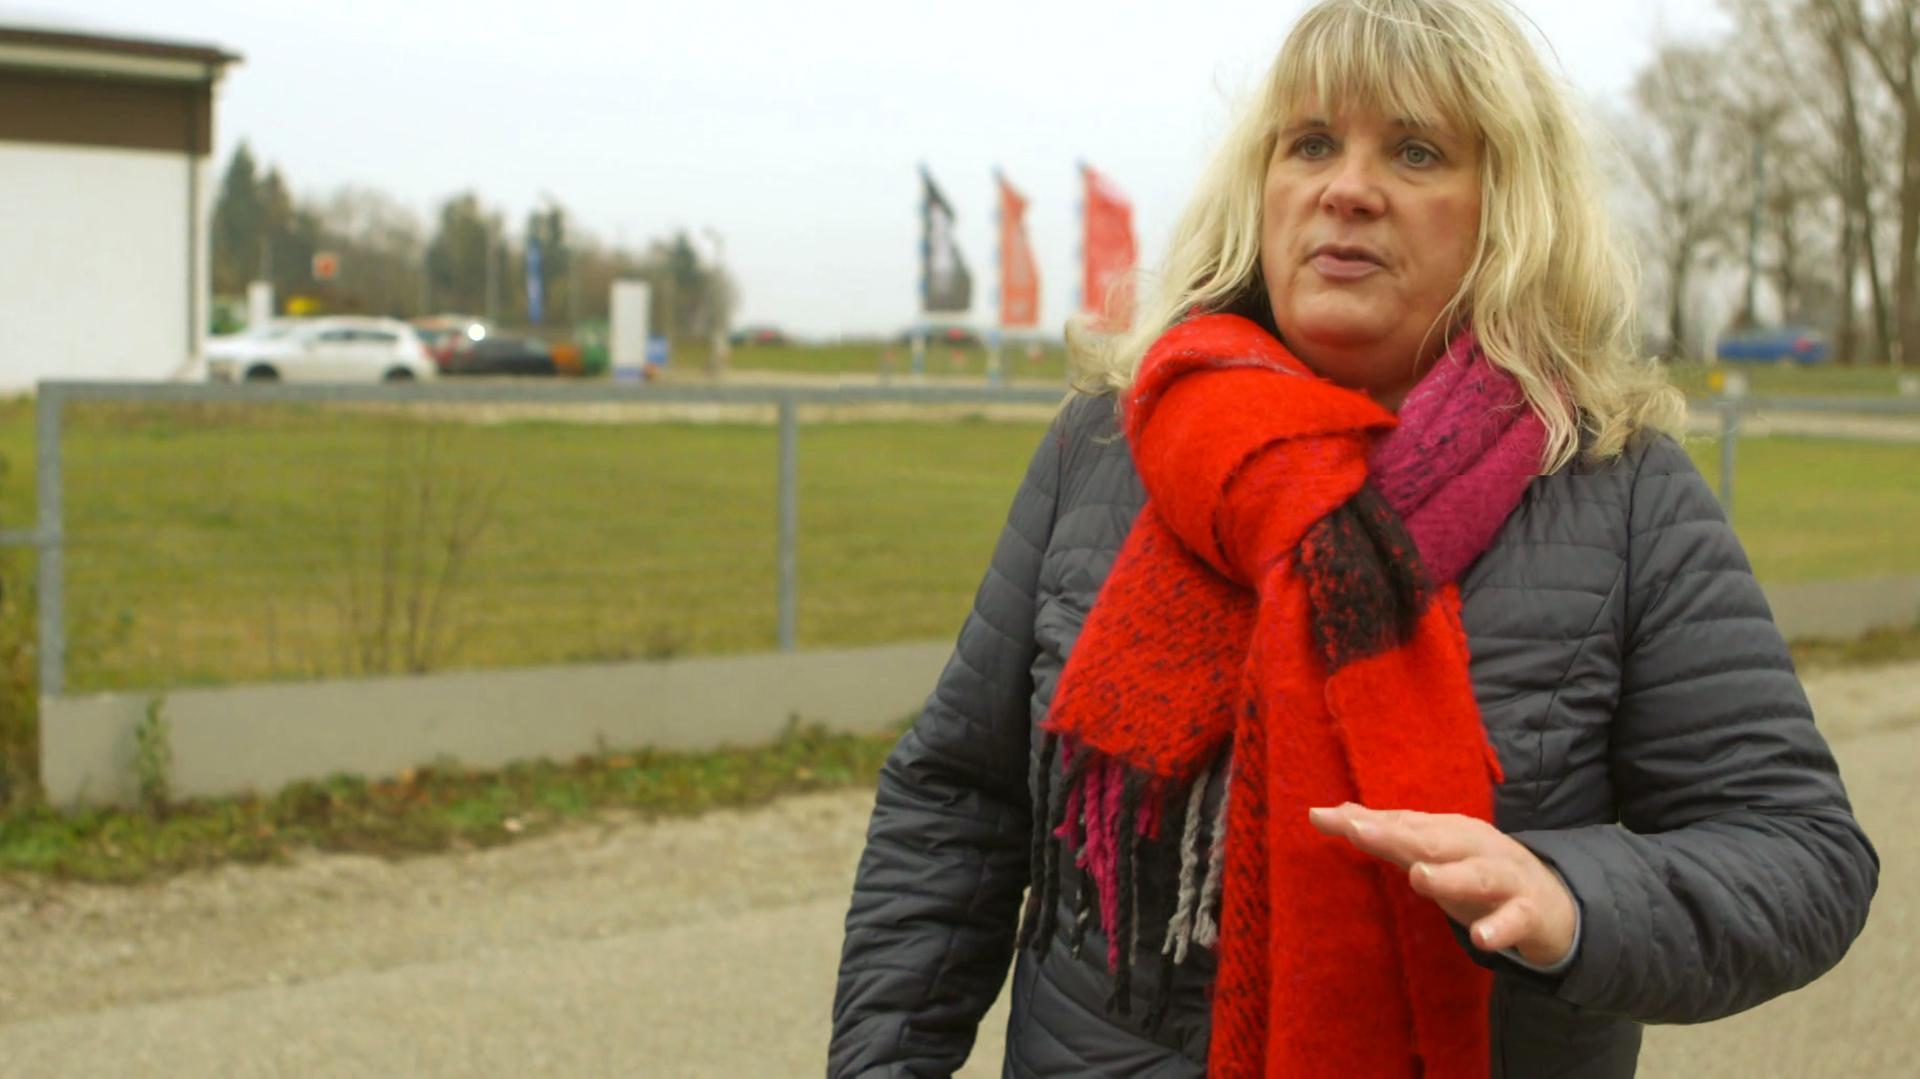 Silvia Weigl zeigt ihre lädierte linke Hand